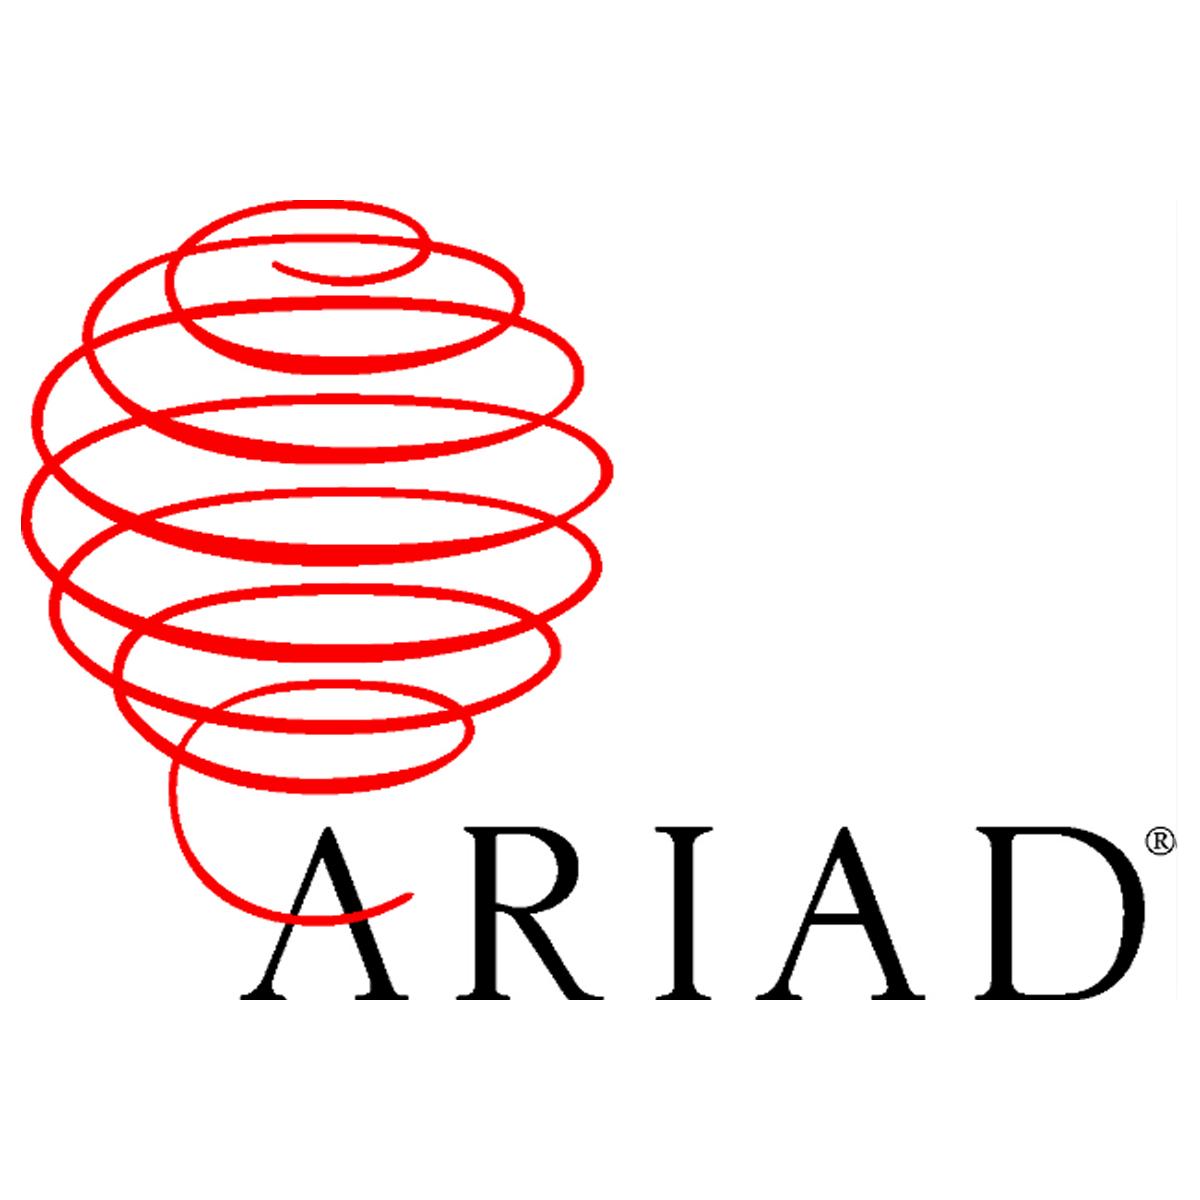 Ariad Sq.jpg